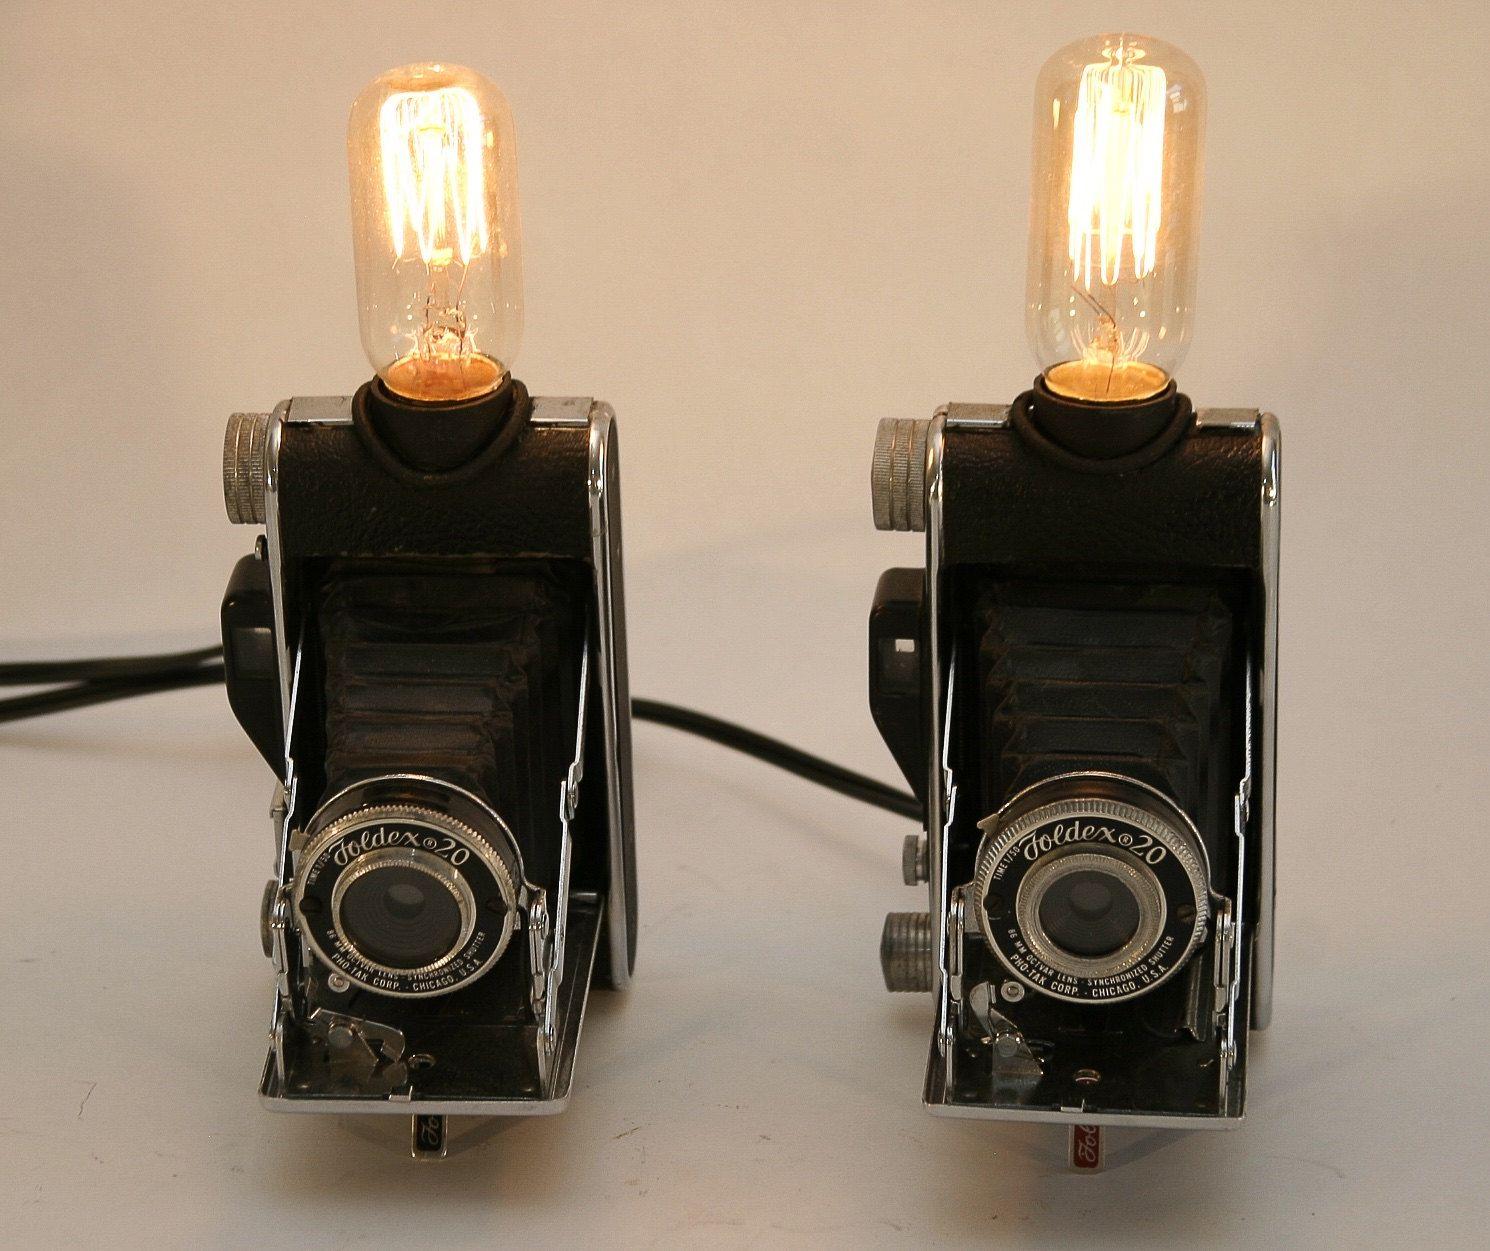 LAMP Vintage Kodak 1930s Fold Out Camera Lamps. Unique